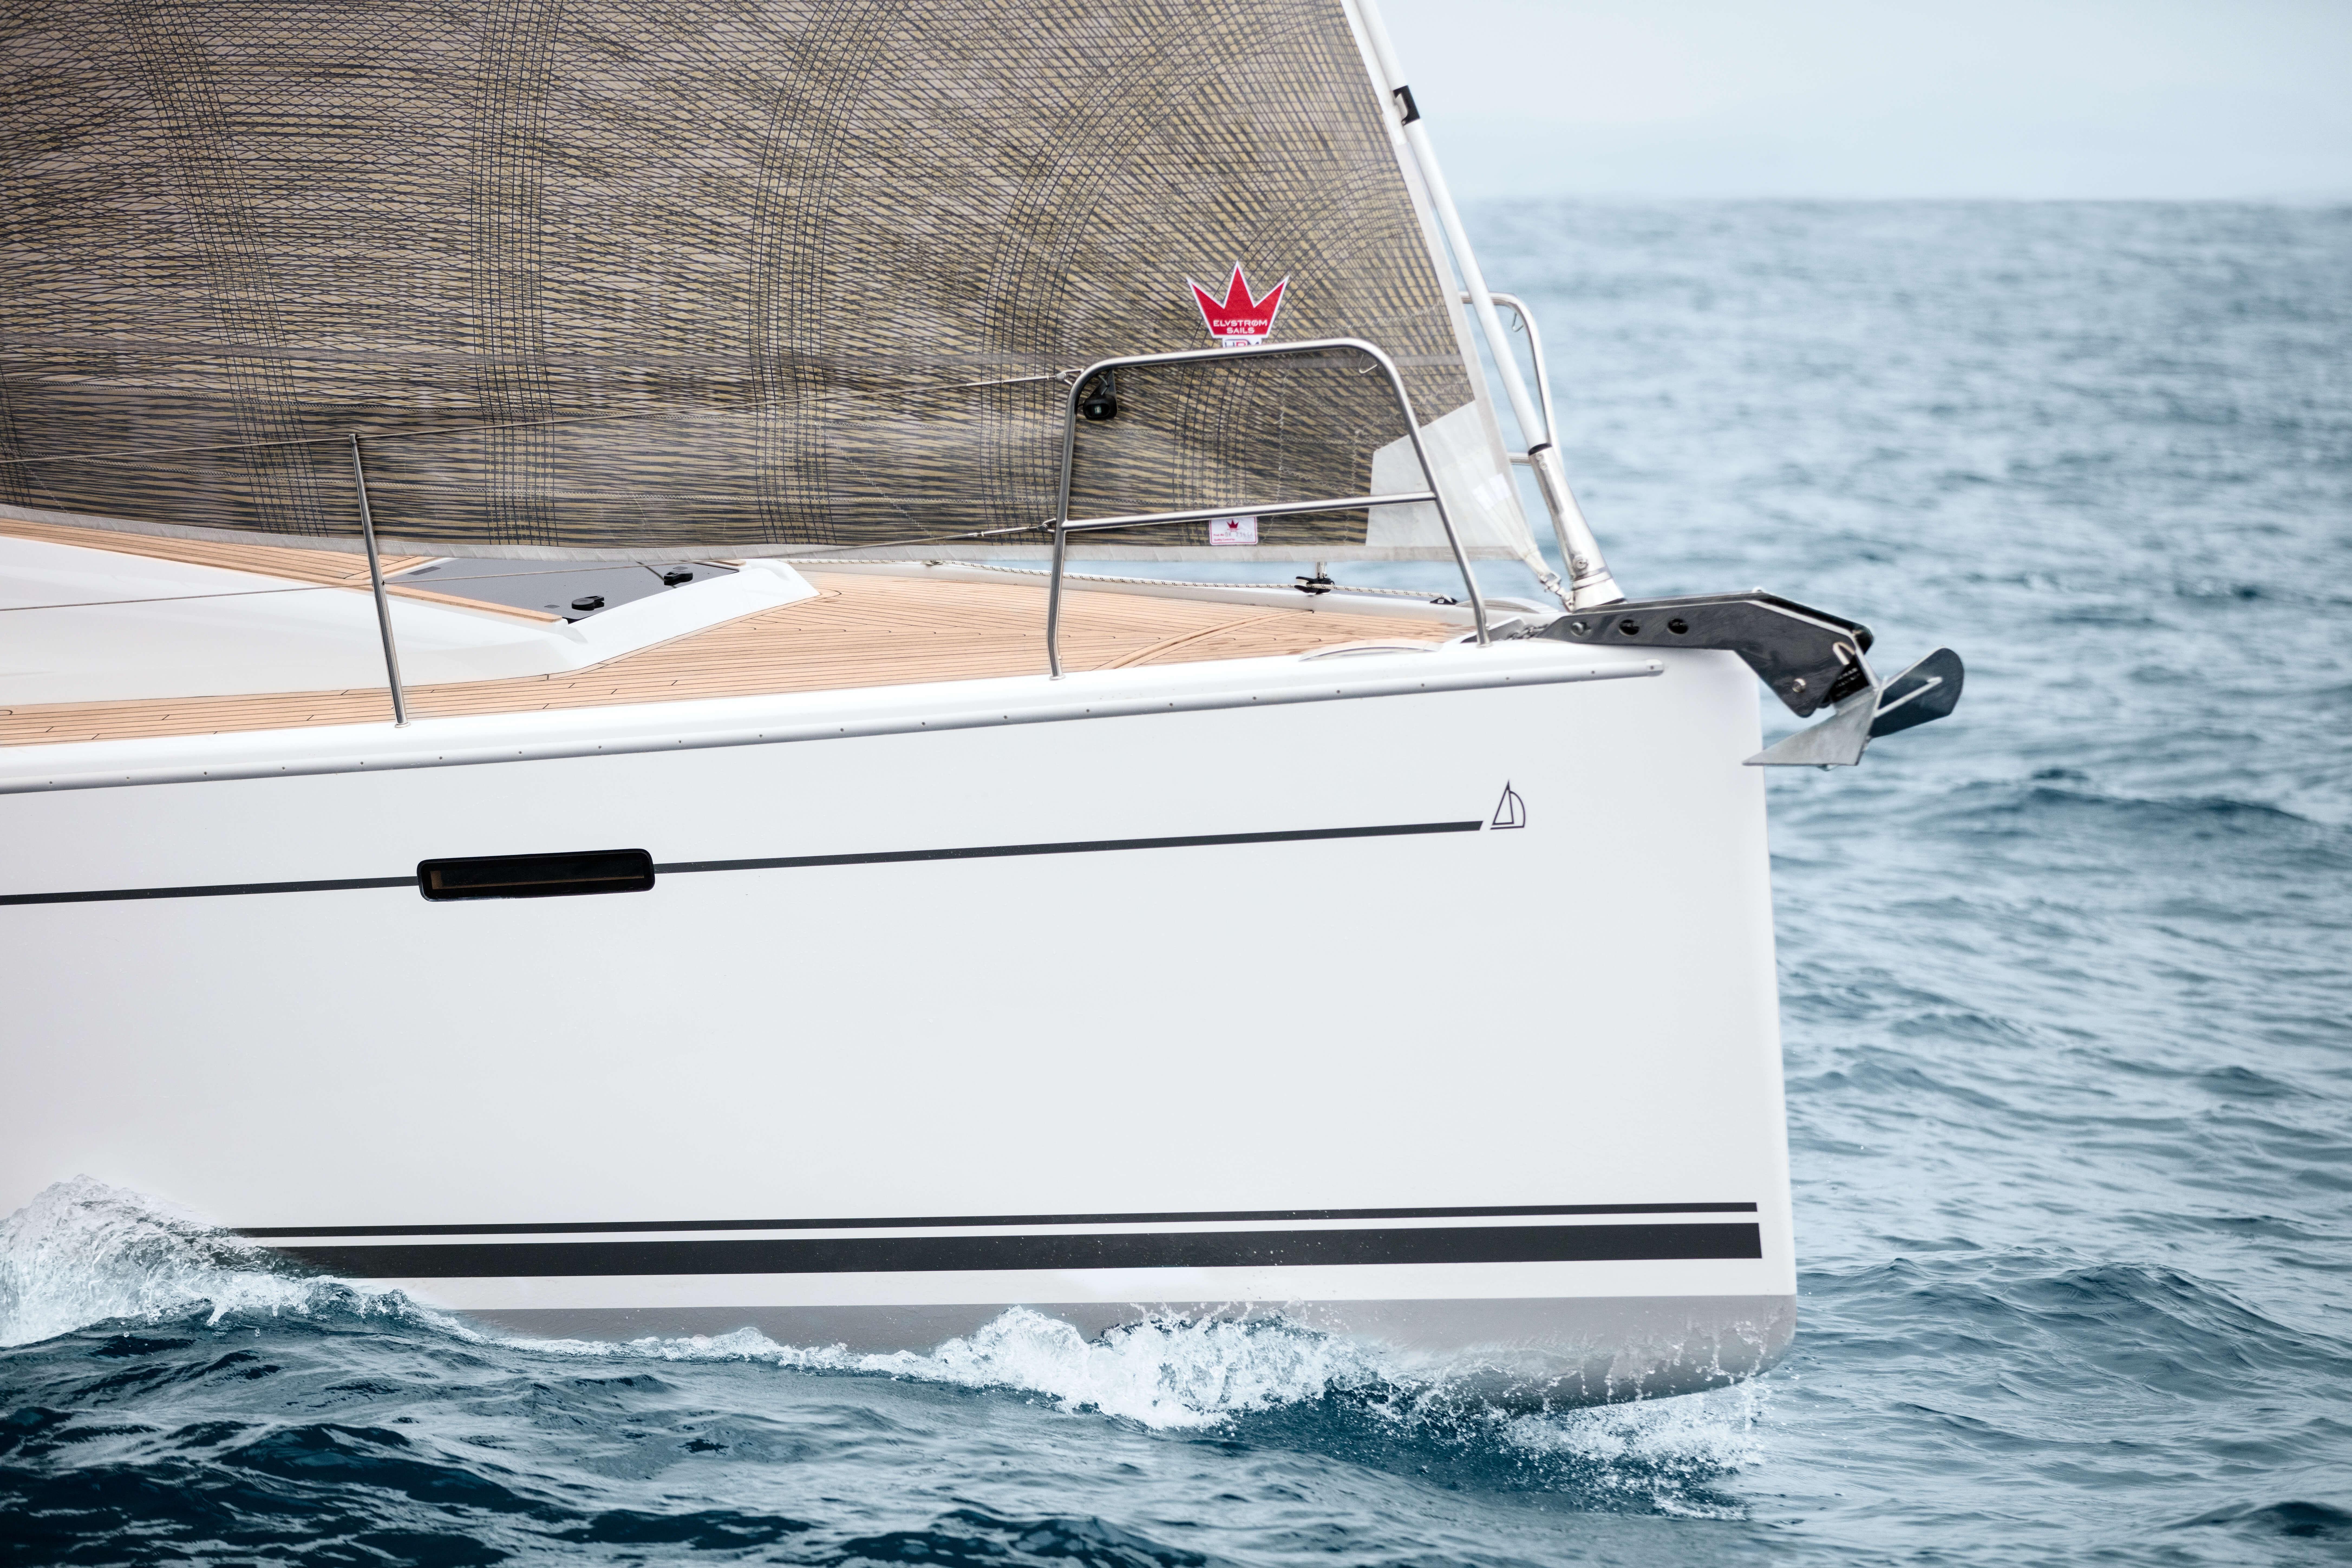 Dehler 42 Exterior Sailing | Dehler 42_Segeln_04_0516_889.jpg | Dehler